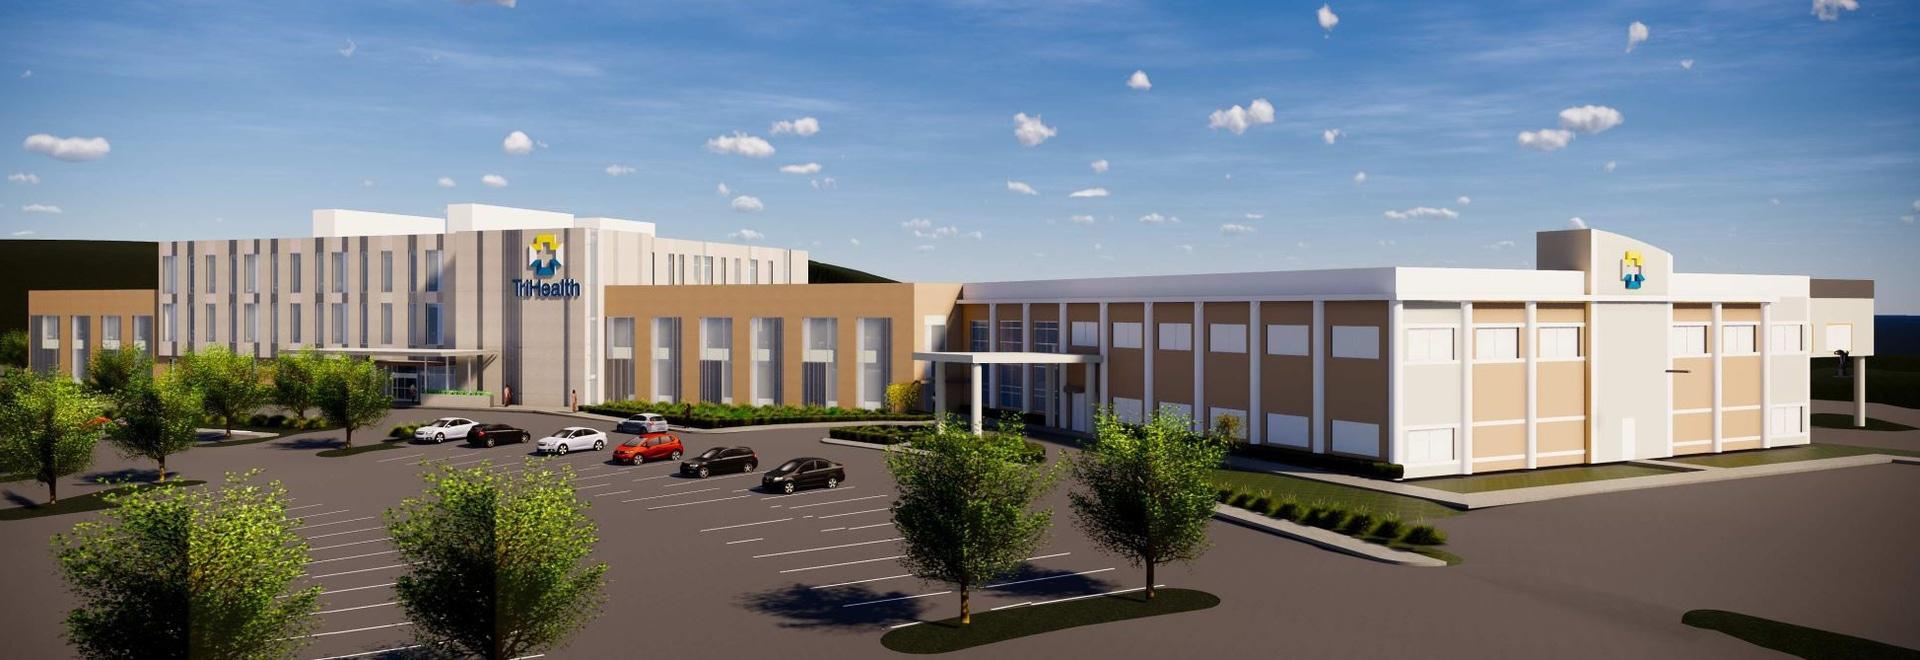 Skanska Builds New Medical Center in Cincinnati